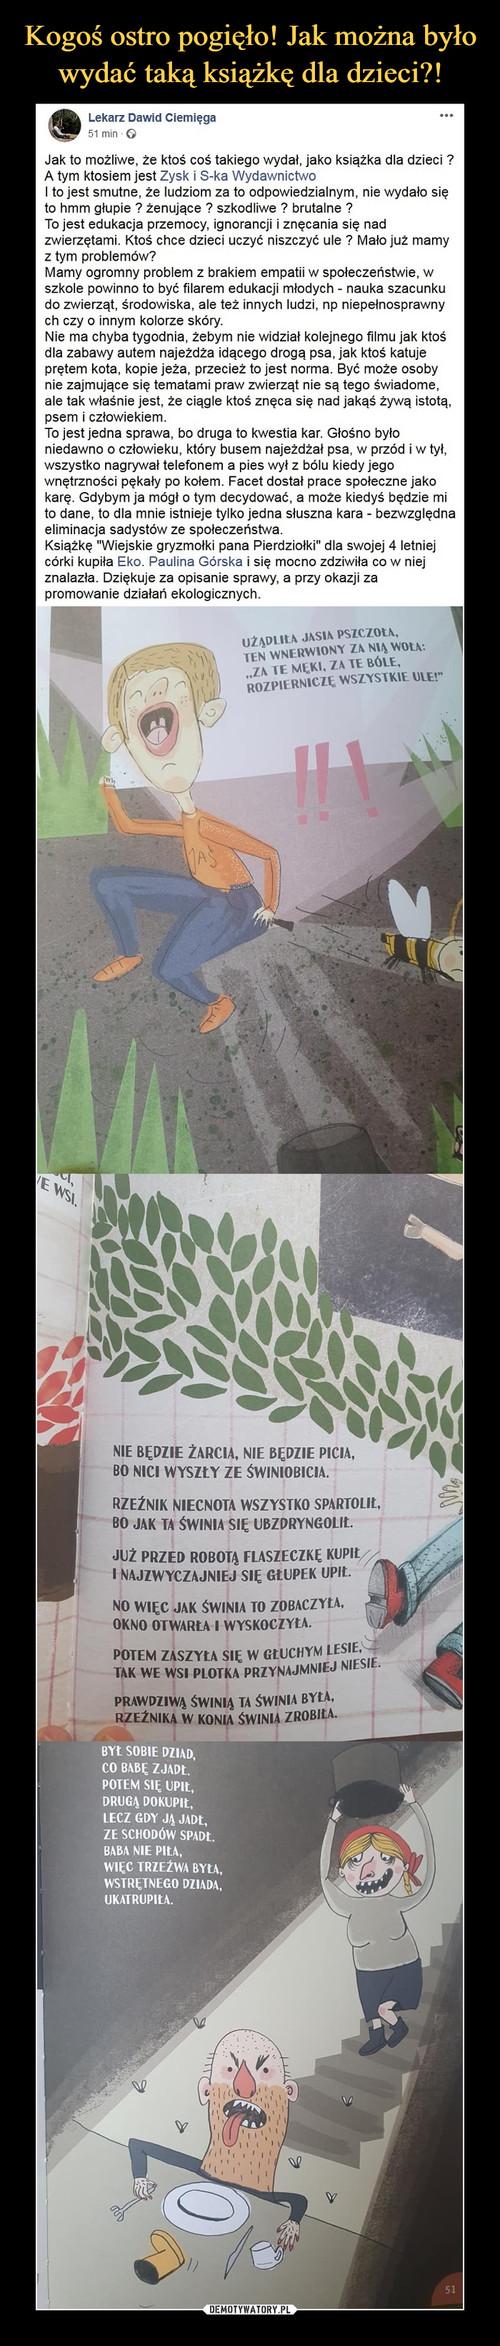 Kogoś ostro pogięło! Jak można było wydać taką książkę dla dzieci?!